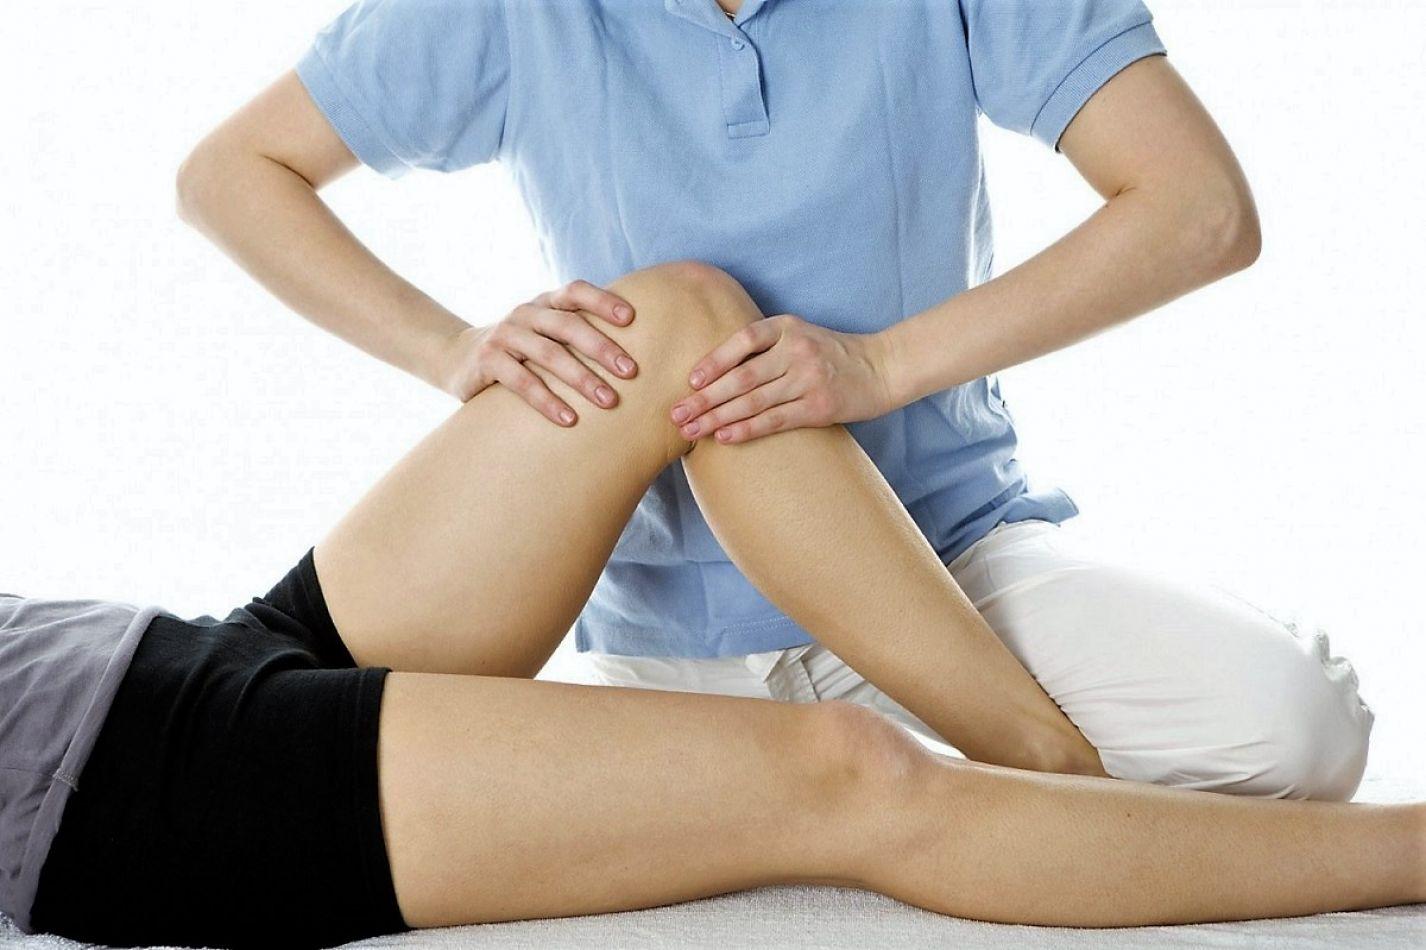 Abordarán regulación del ejercicio profesional de la kinesiología